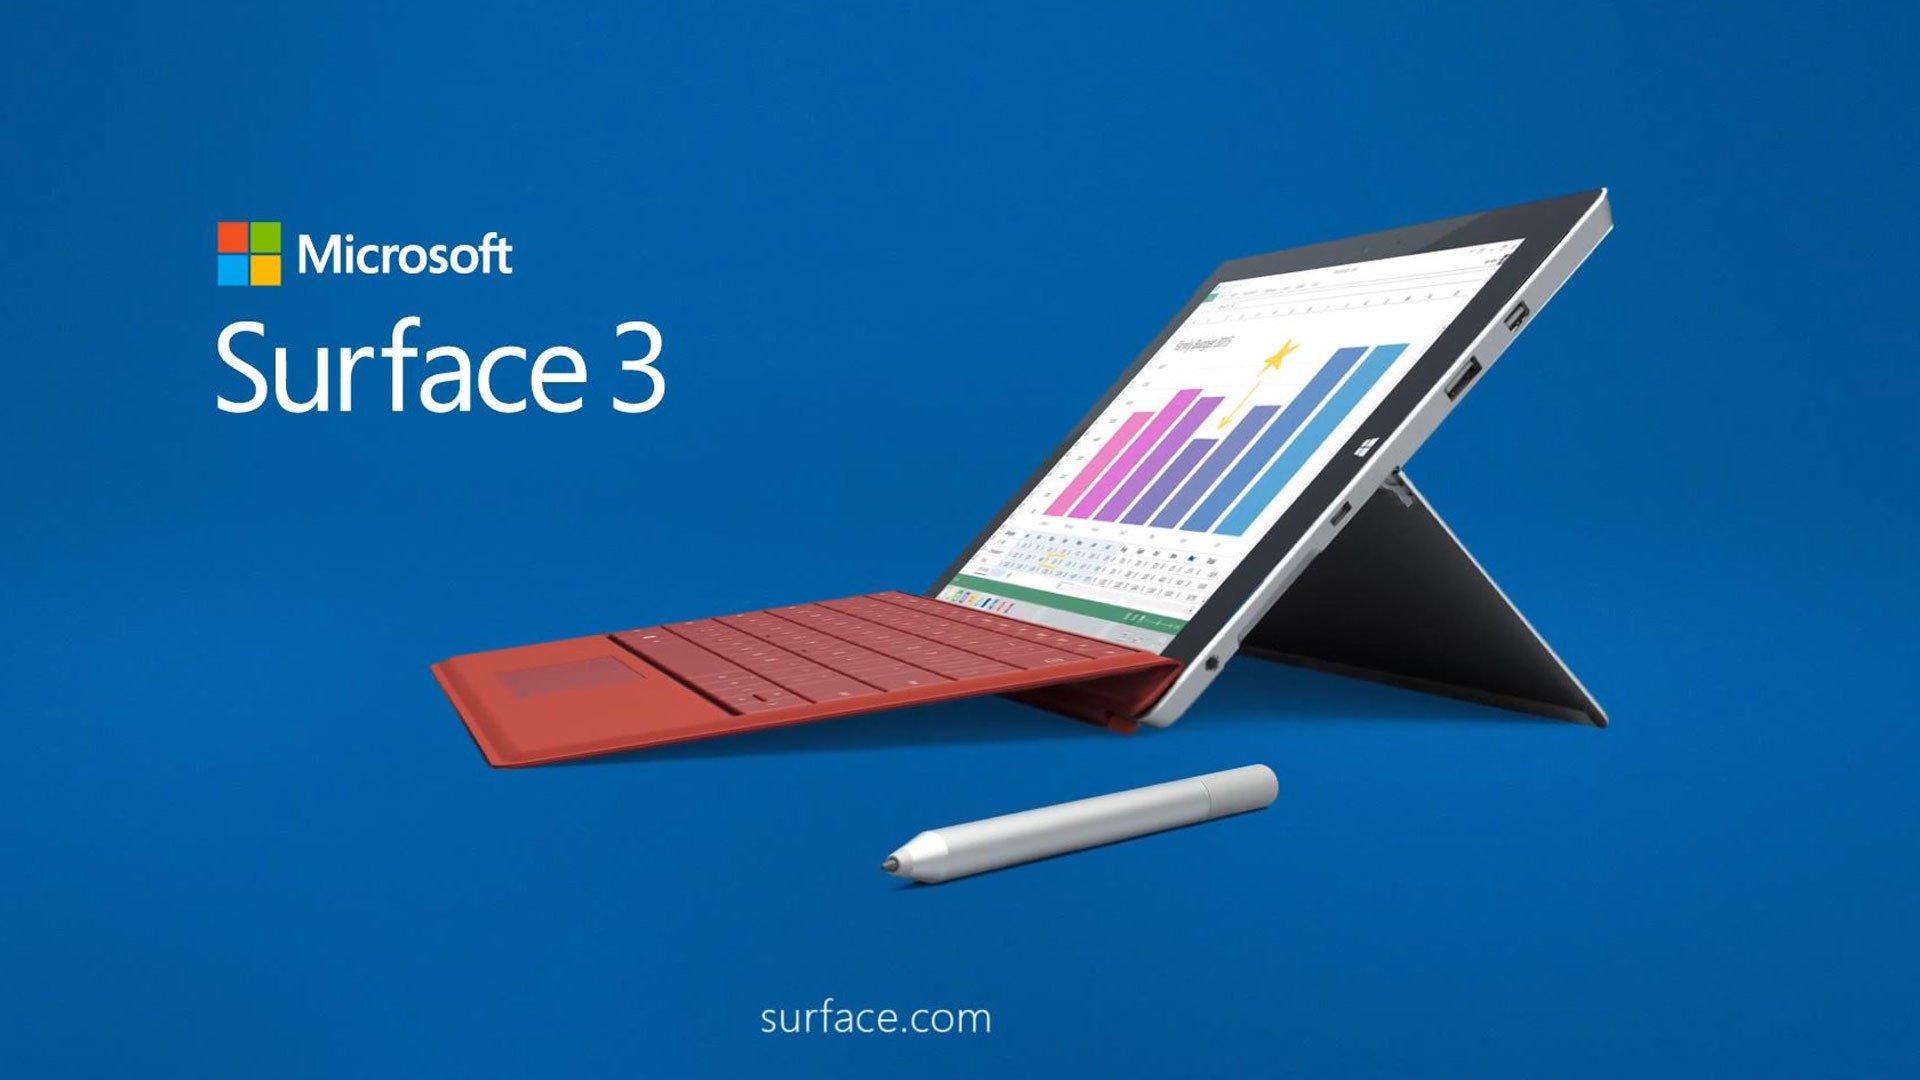 Microsoft Surface 3 : la tablette d'entrée de gamme disparaîtra dès décembre 2016